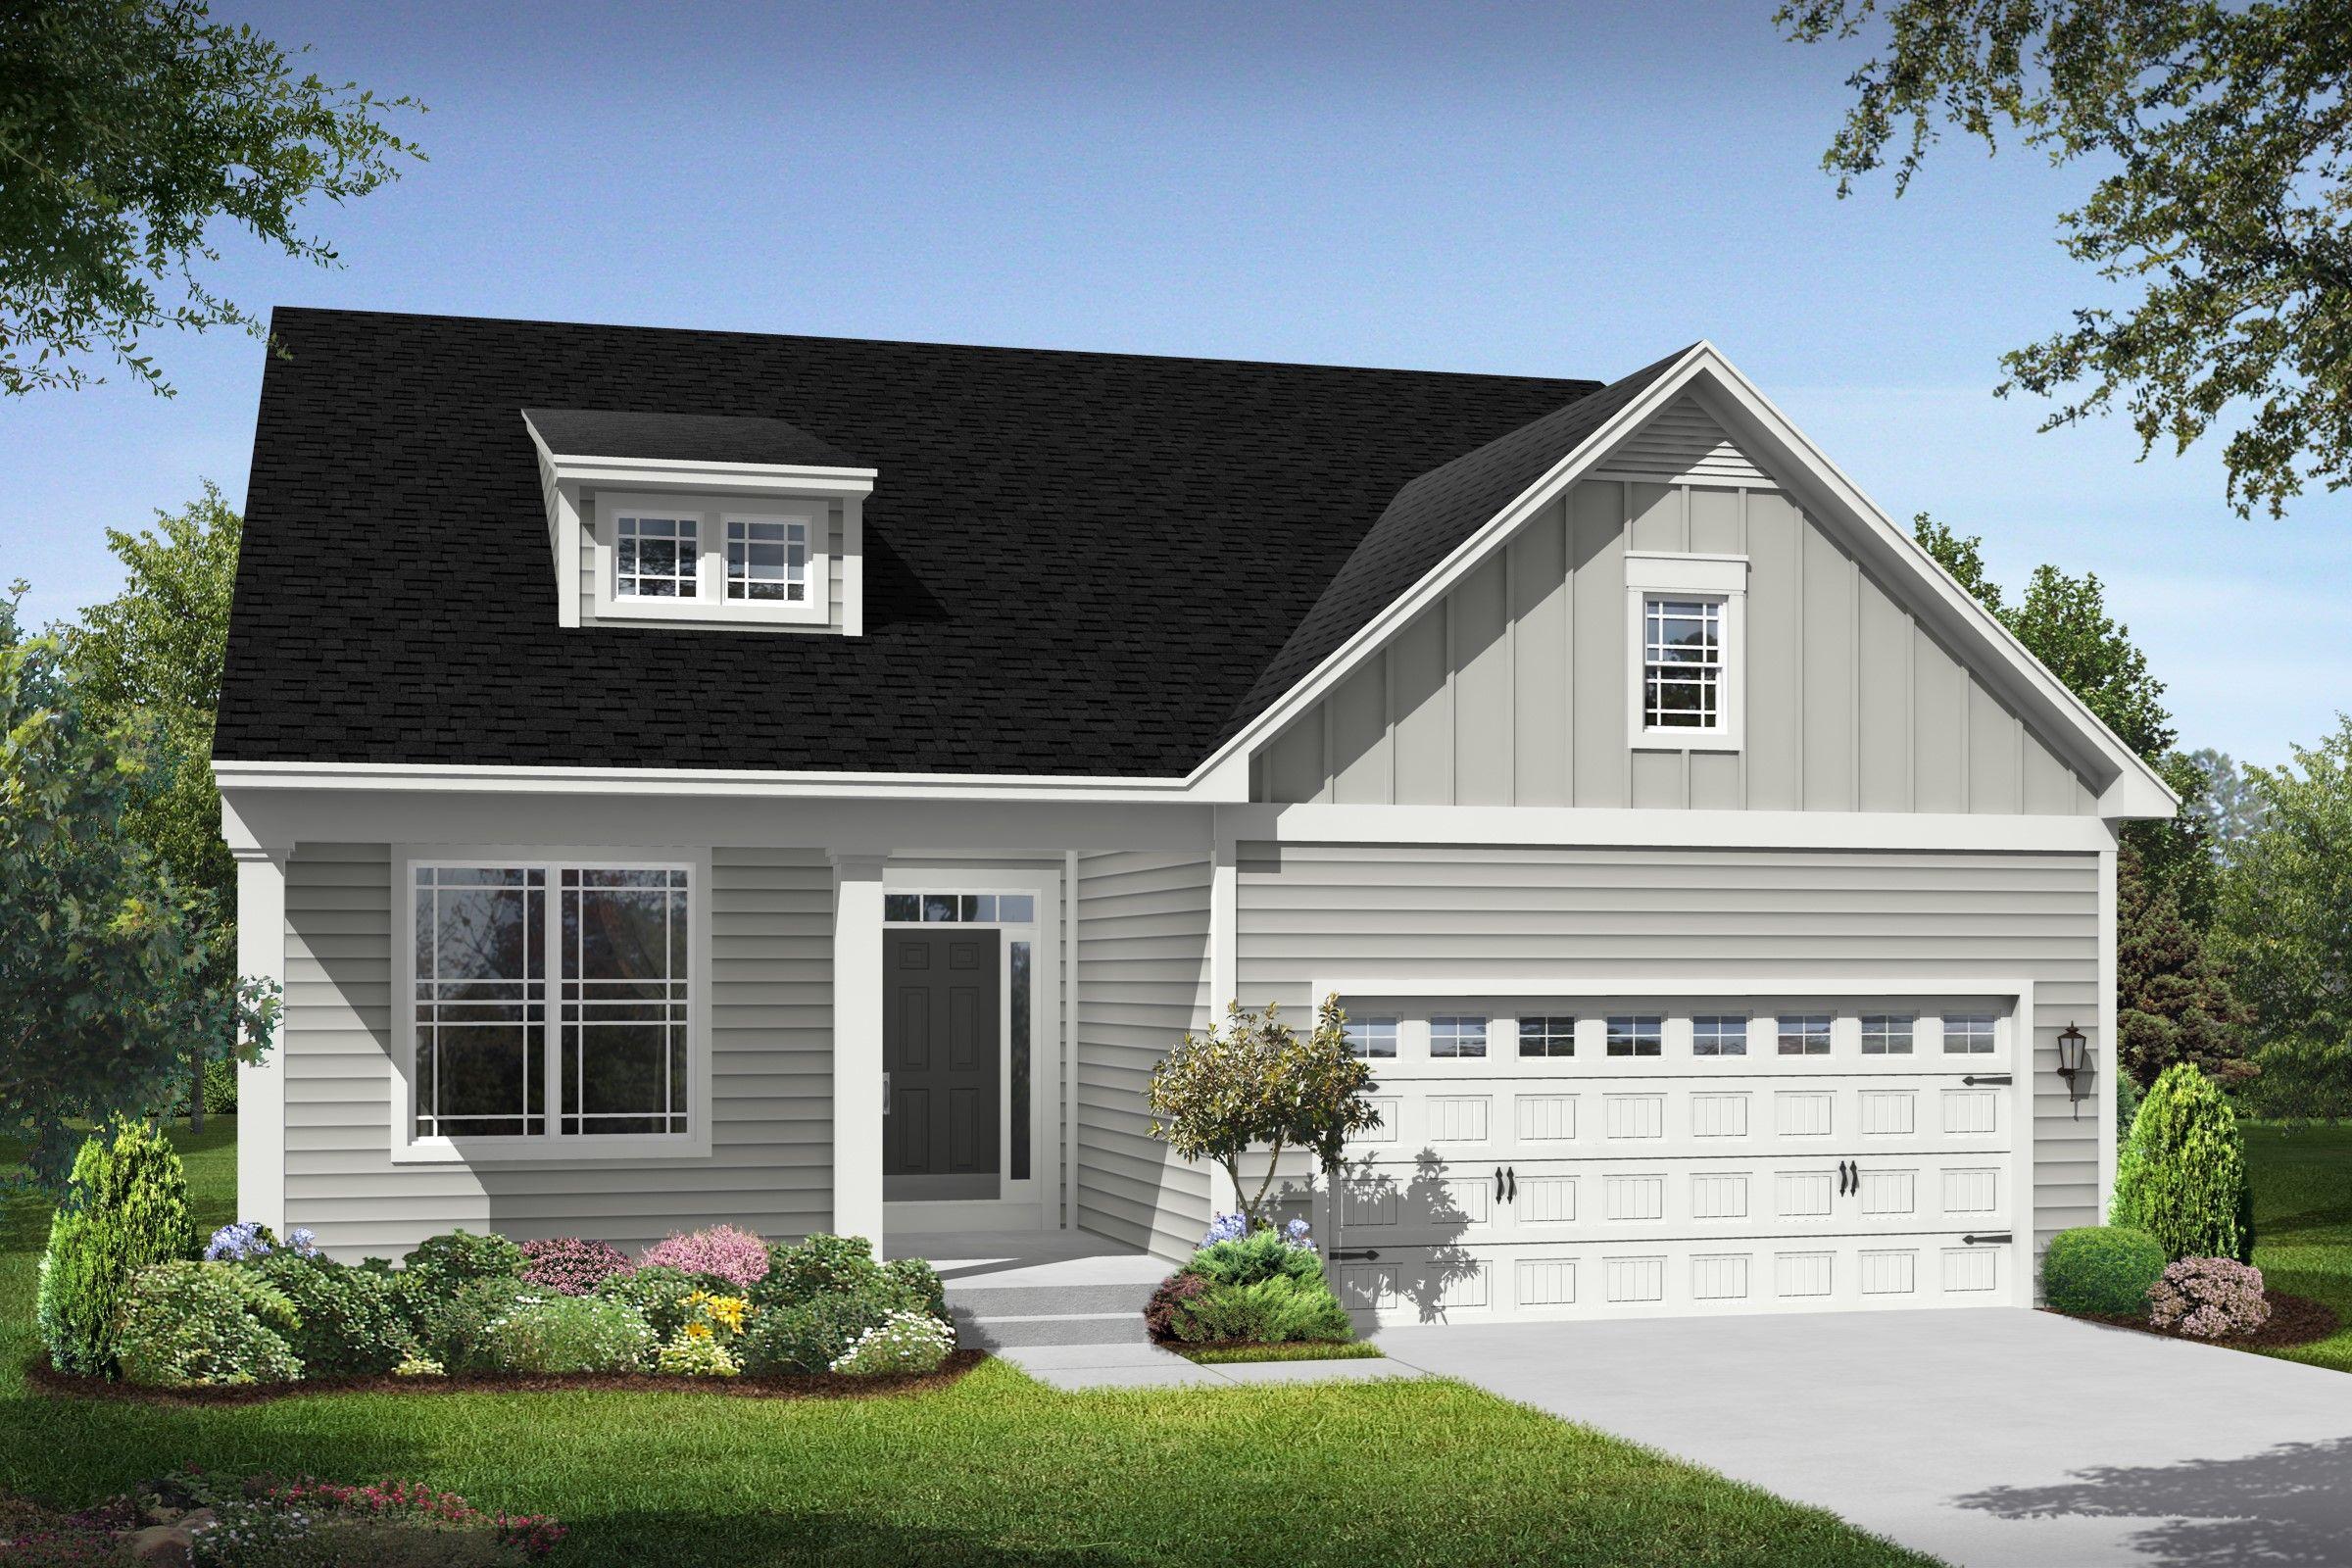 Real Estate at 25164 Lumberton Drive, Homesite 779, Millsboro in Sussex County, DE 19966